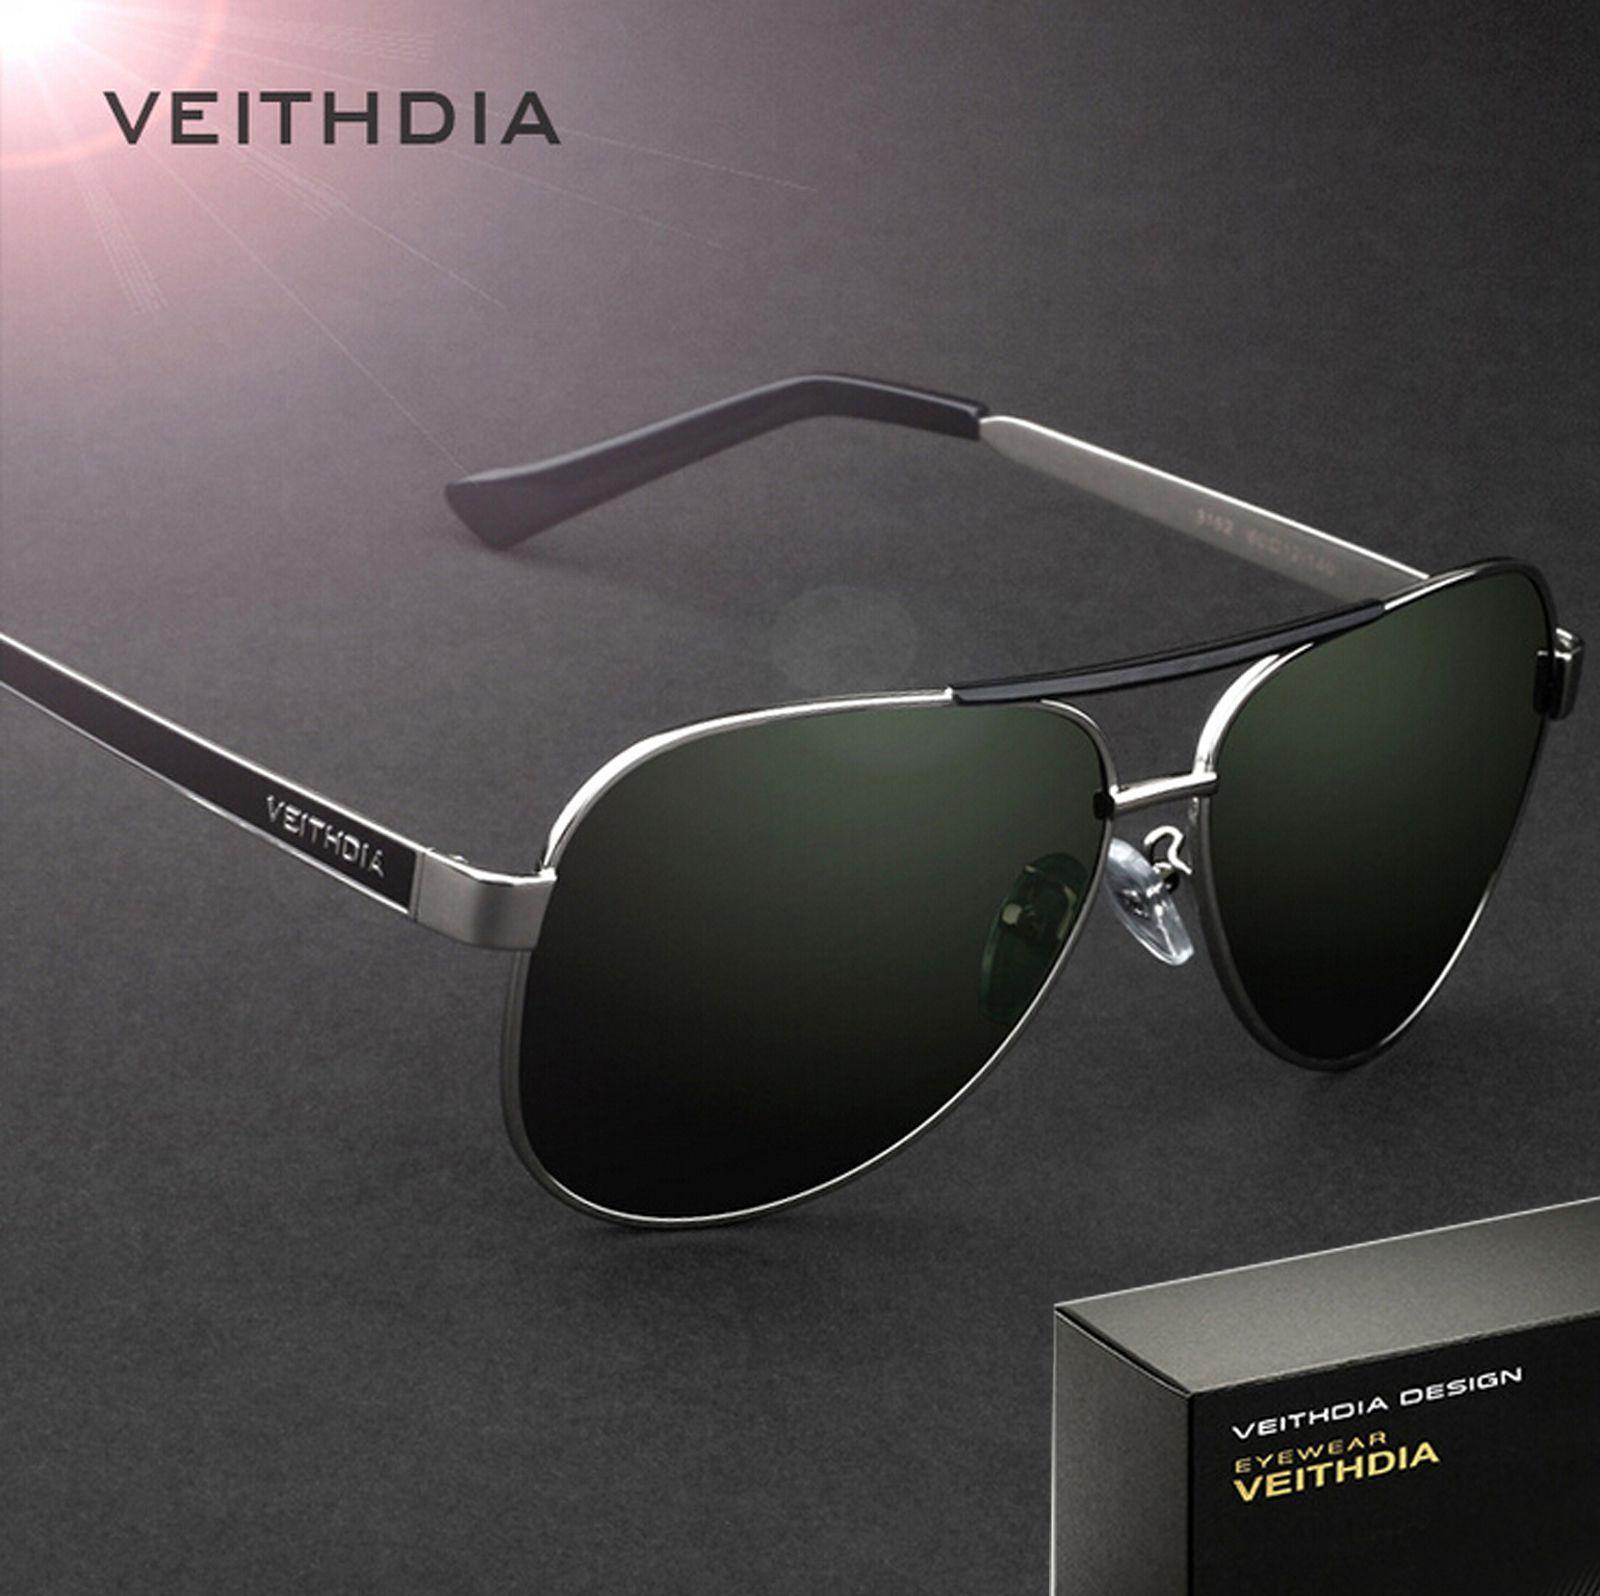 78e1ae856d V brand new polarizerd sunglasses men sports glass driving jpg 1600x1596 Aviators  sports brand